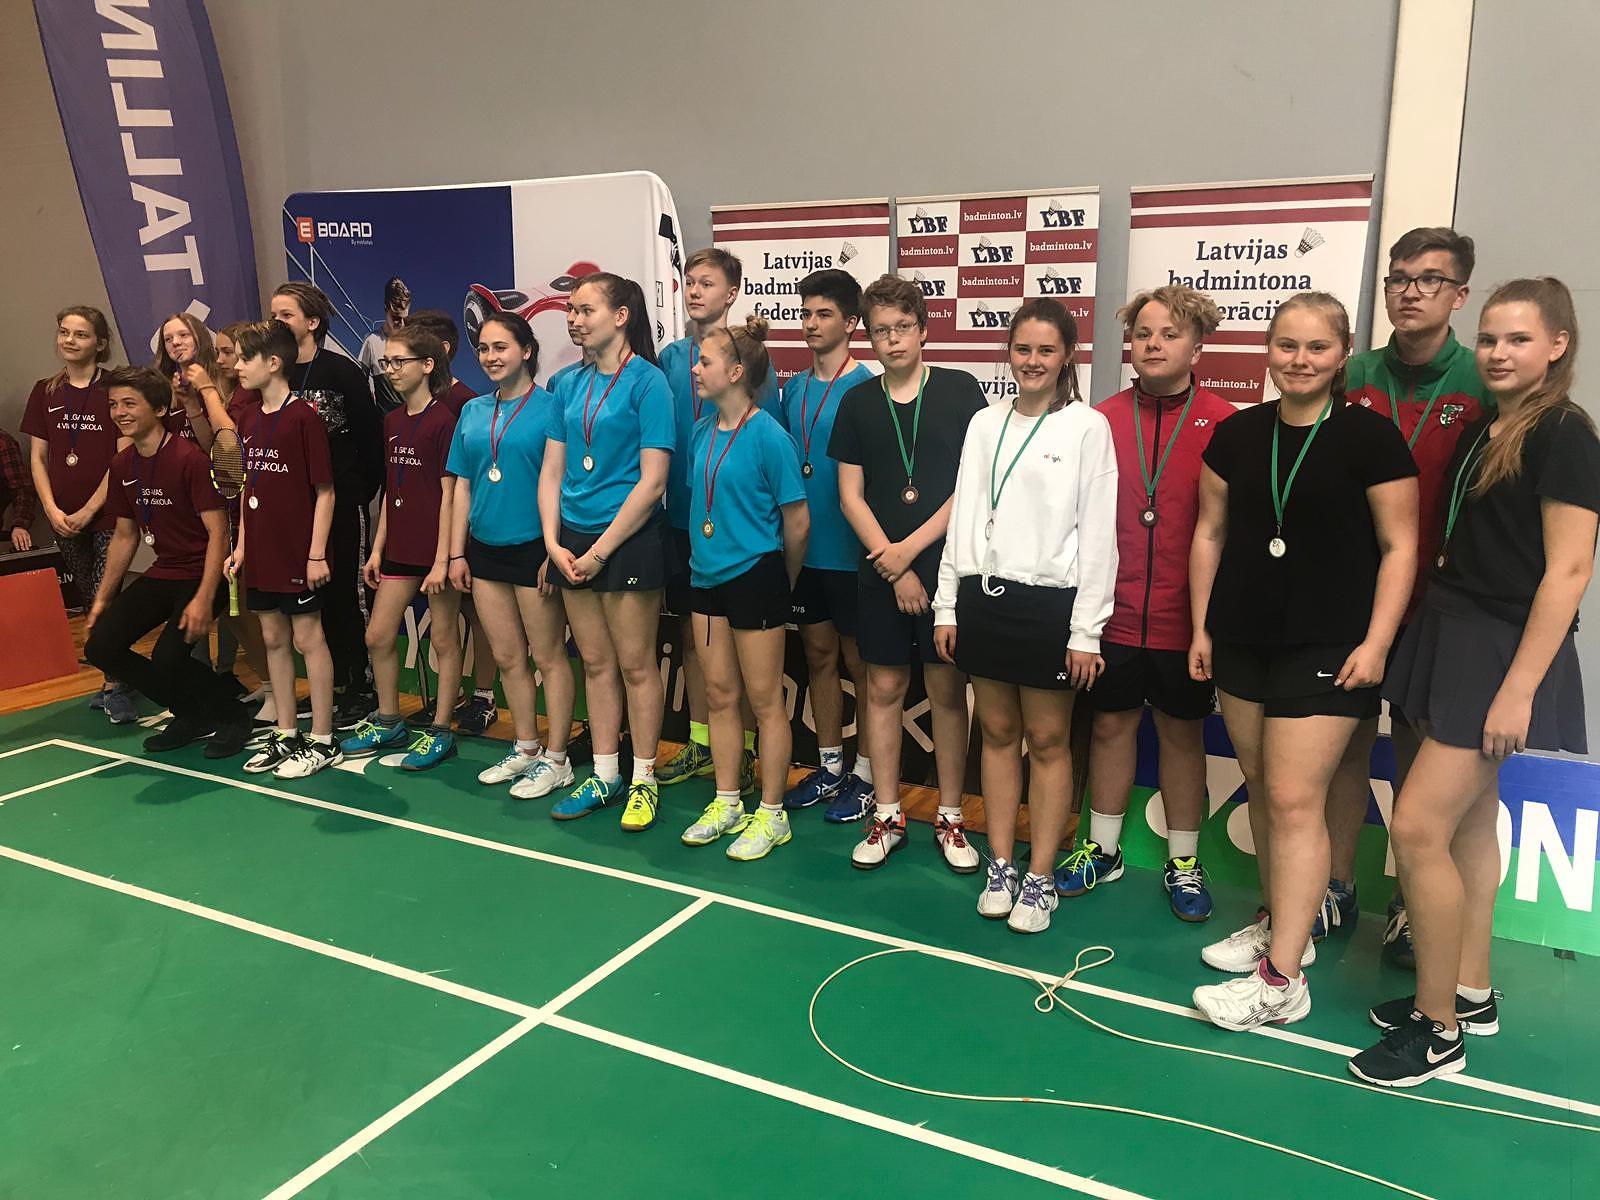 Skolu komandu čempionātā badmintonā liepājnieki izcīna bronzu